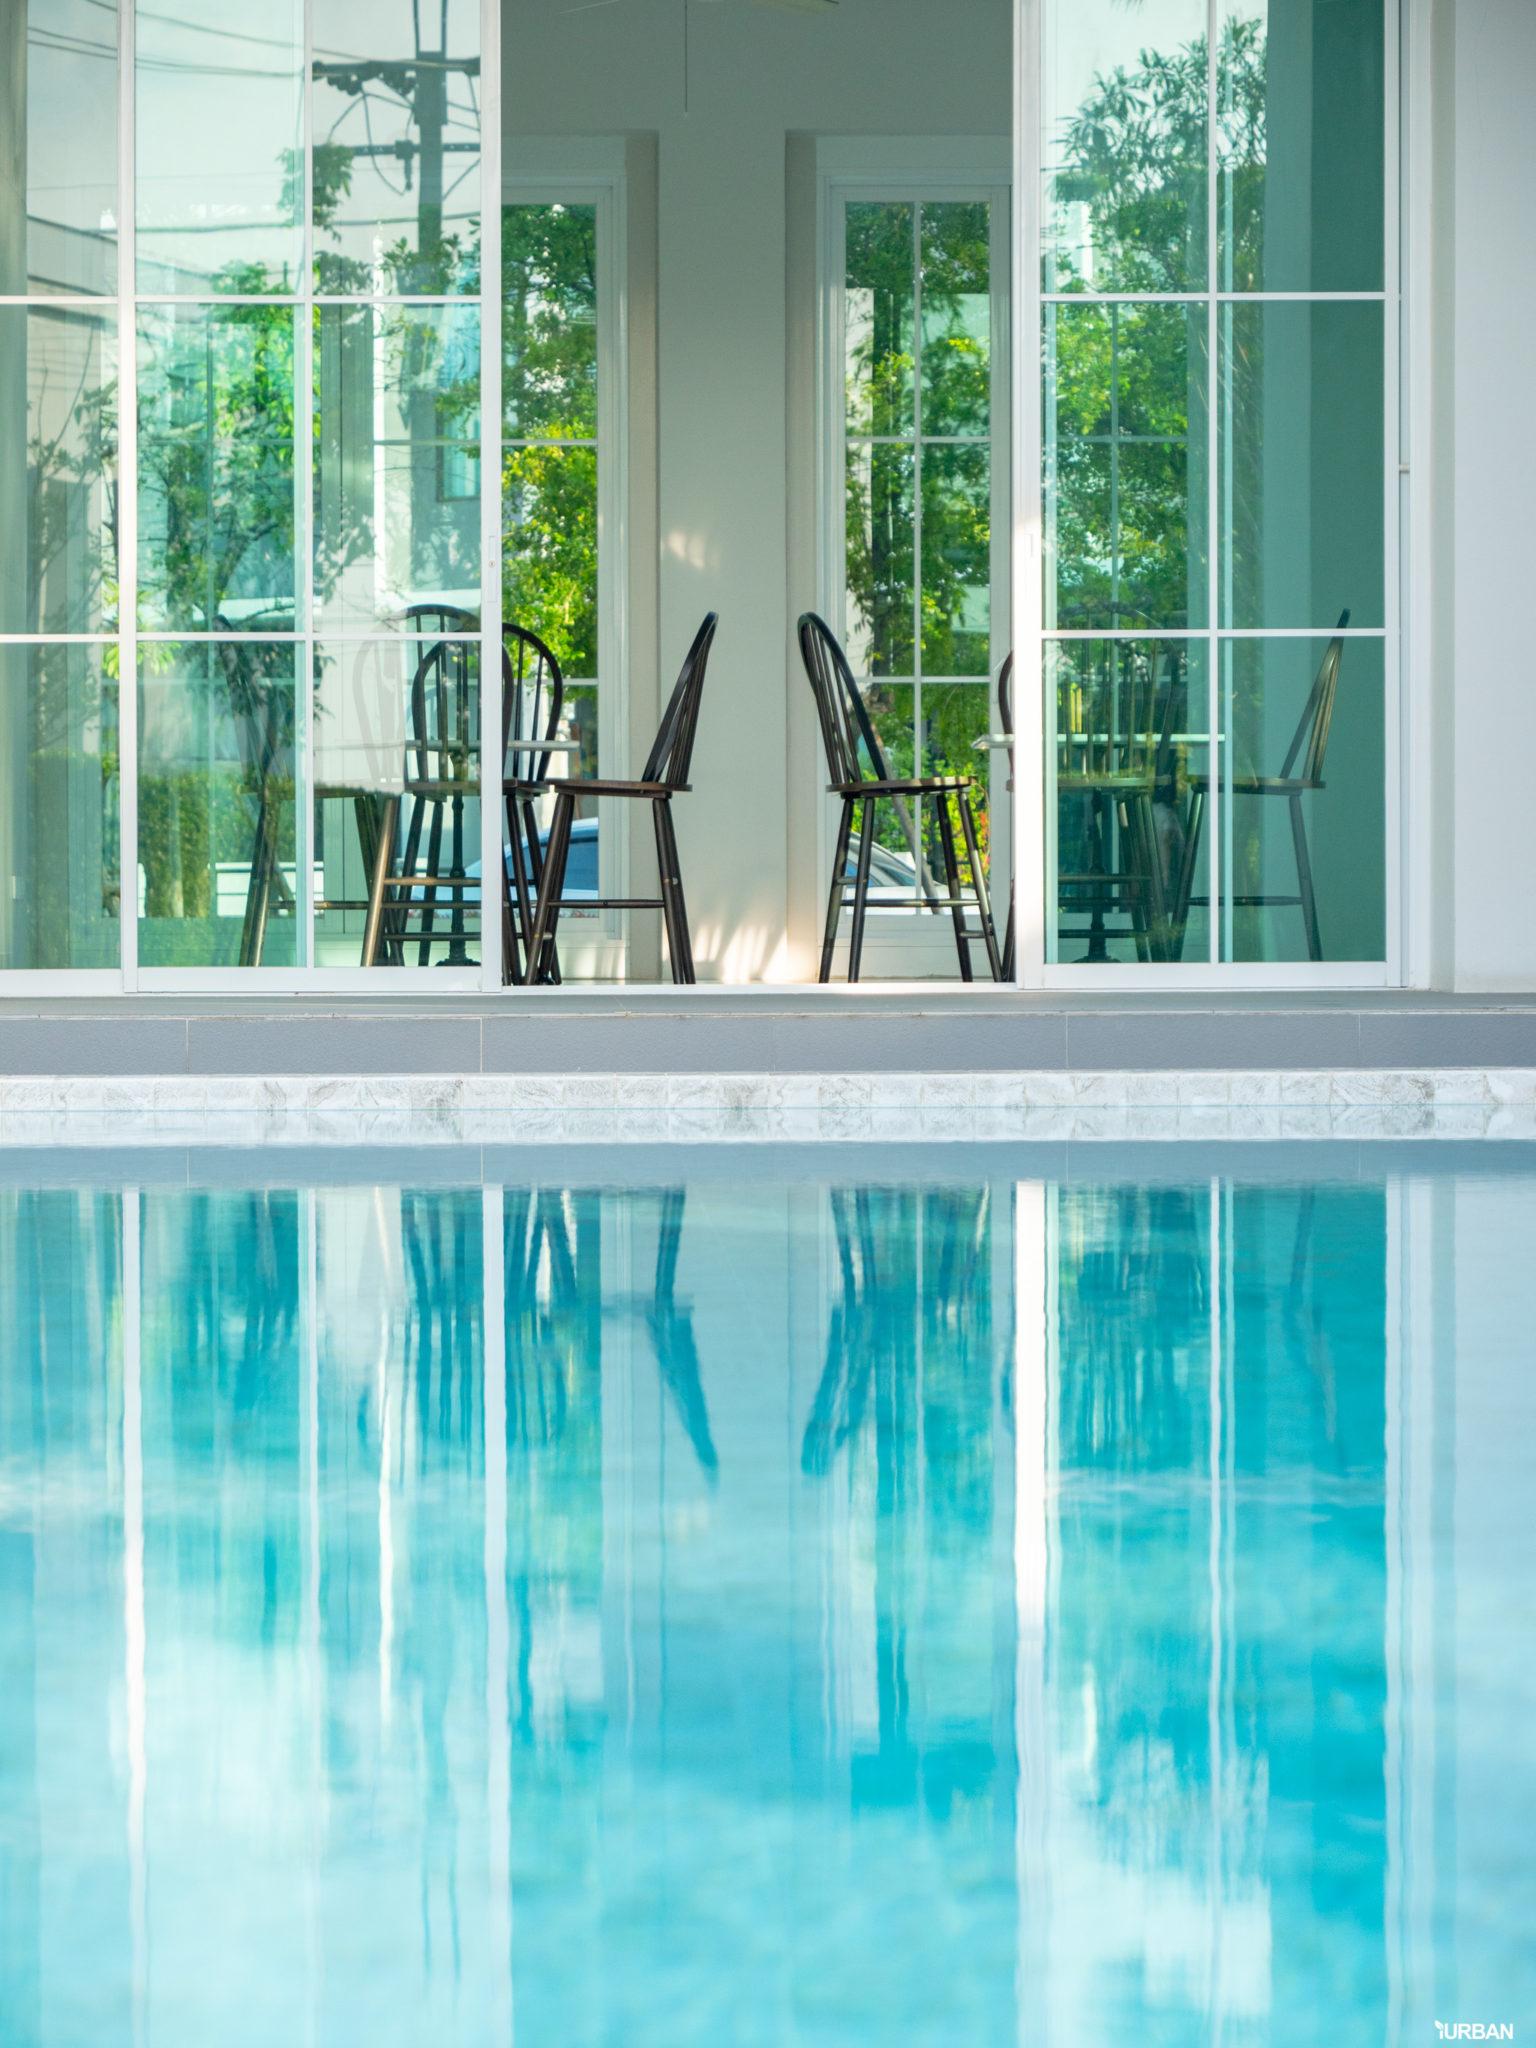 รีวิวทาวน์โฮม Pleno ปิ่นเกล้า - จรัญฯ การออกแบบที่ดีมากทั้งในบ้านและส่วนกลางที่ให้เกินราคา 25 - AP (Thailand) - เอพี (ไทยแลนด์)